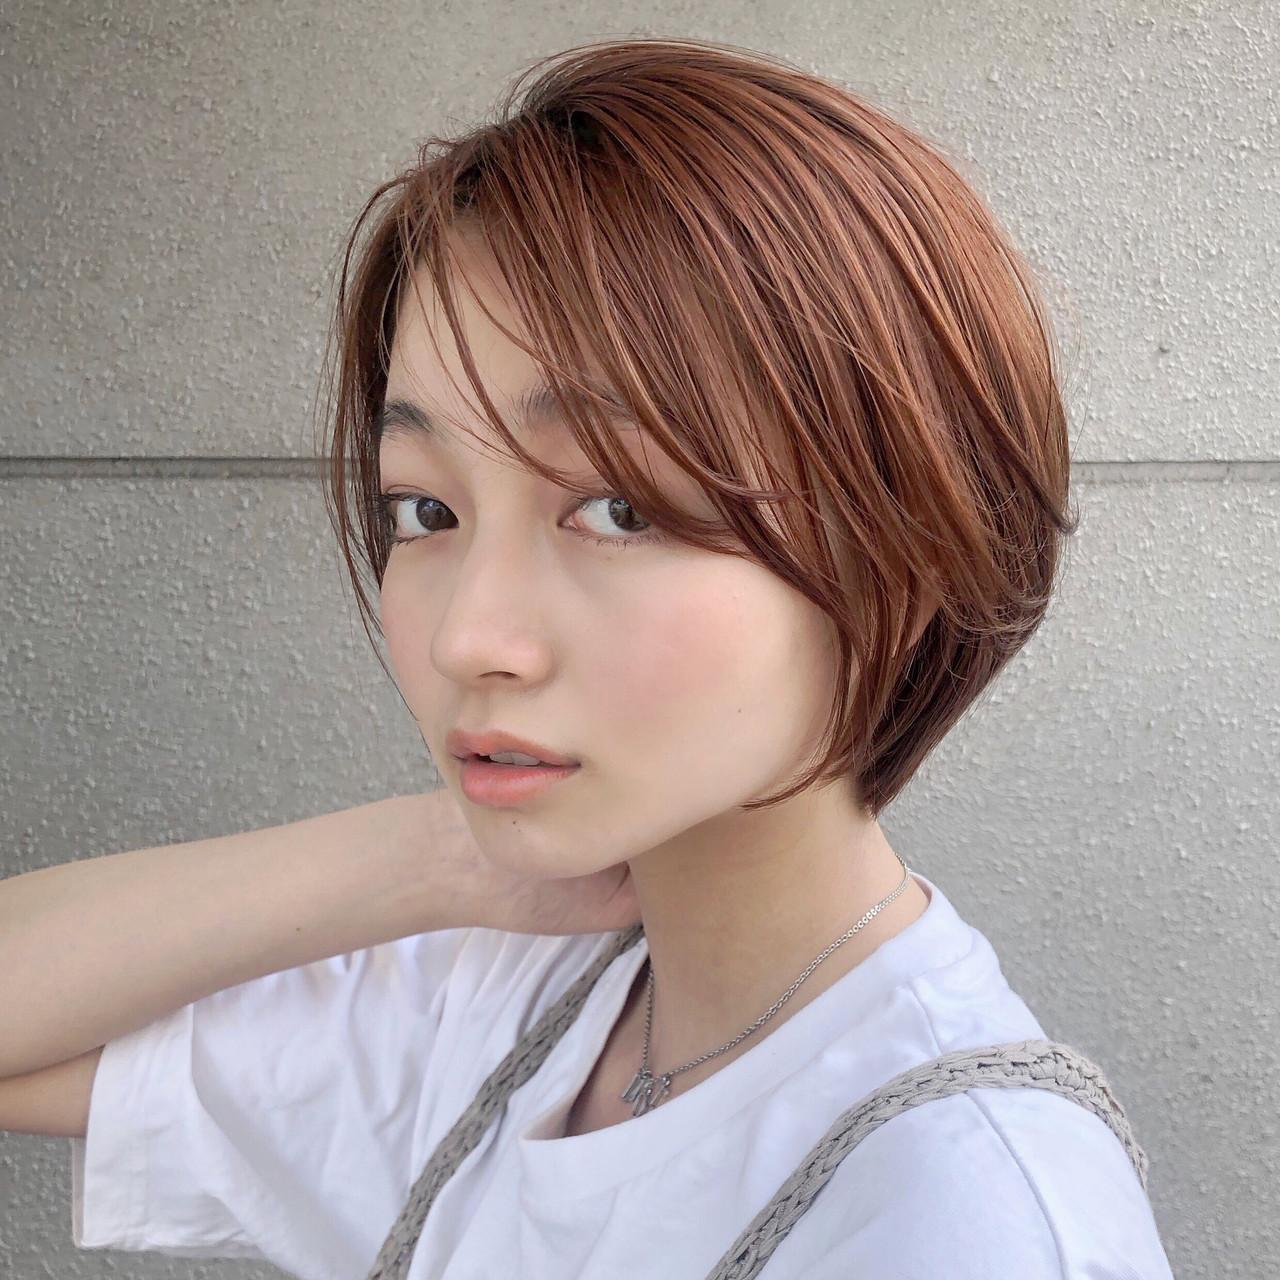 ナチュラル 簡単ヘアアレンジ オレンジブラウン ボブ ヘアスタイルや髪型の写真・画像